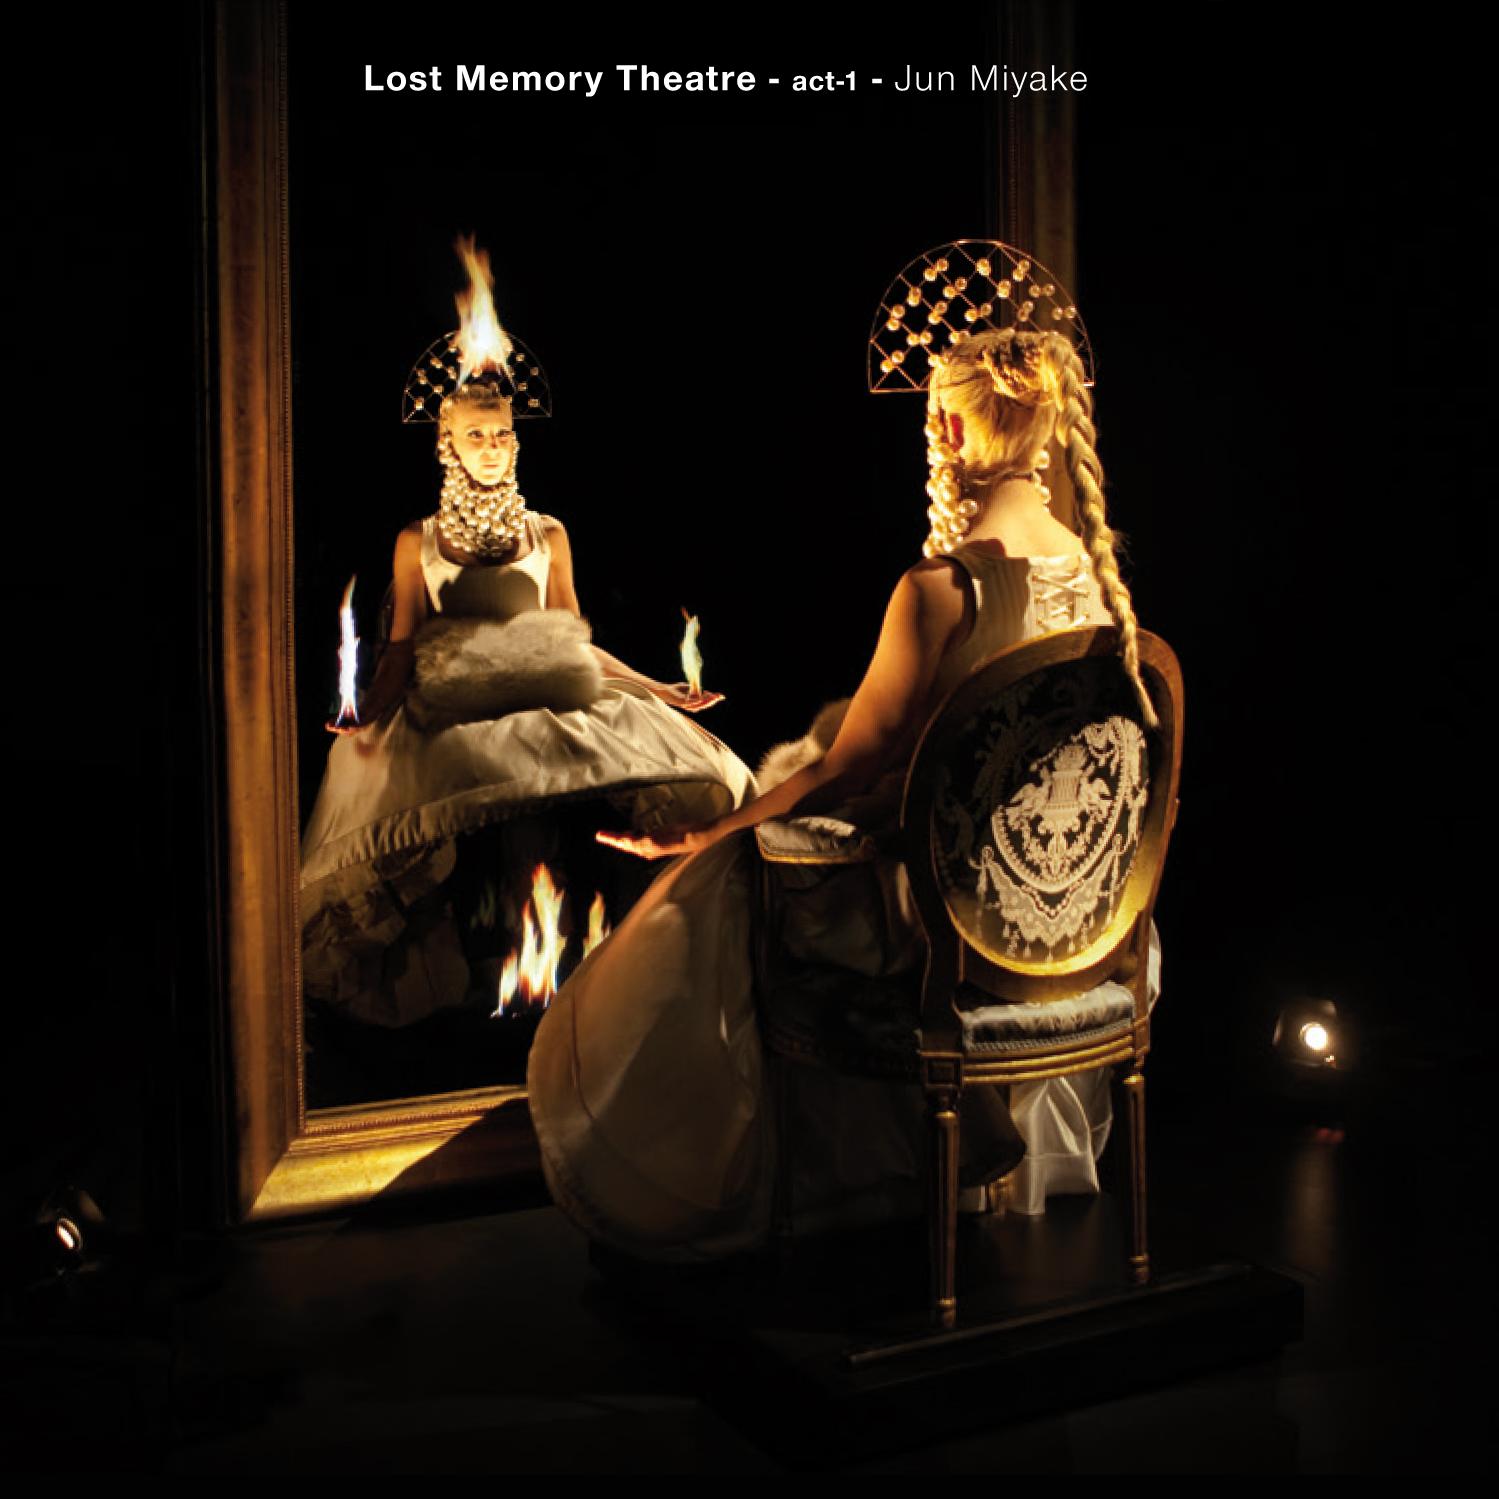 Jun Miyake - Lost Memory Theatre - act-1